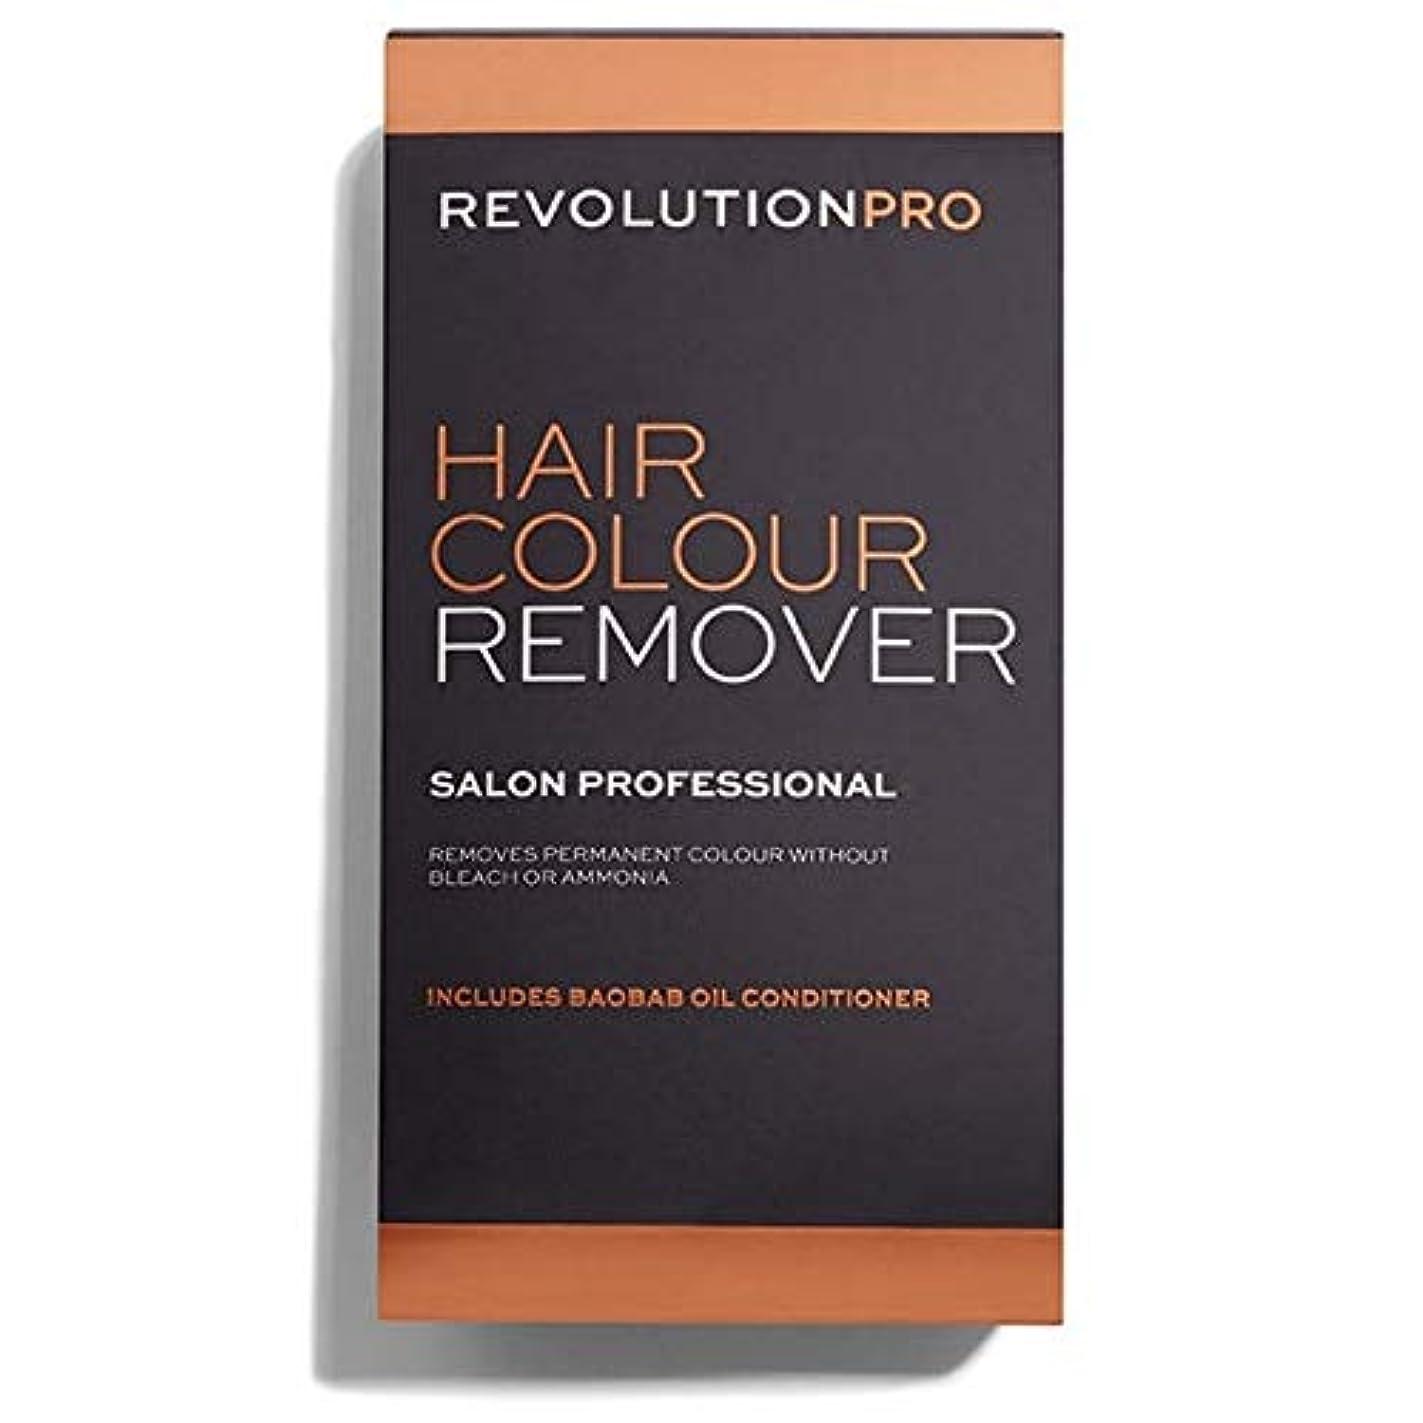 思い出相互インストール[Hair Revolution] 革命プロのヘアカラーリムーバー - Revolution PRO Hair Colour Remover [並行輸入品]